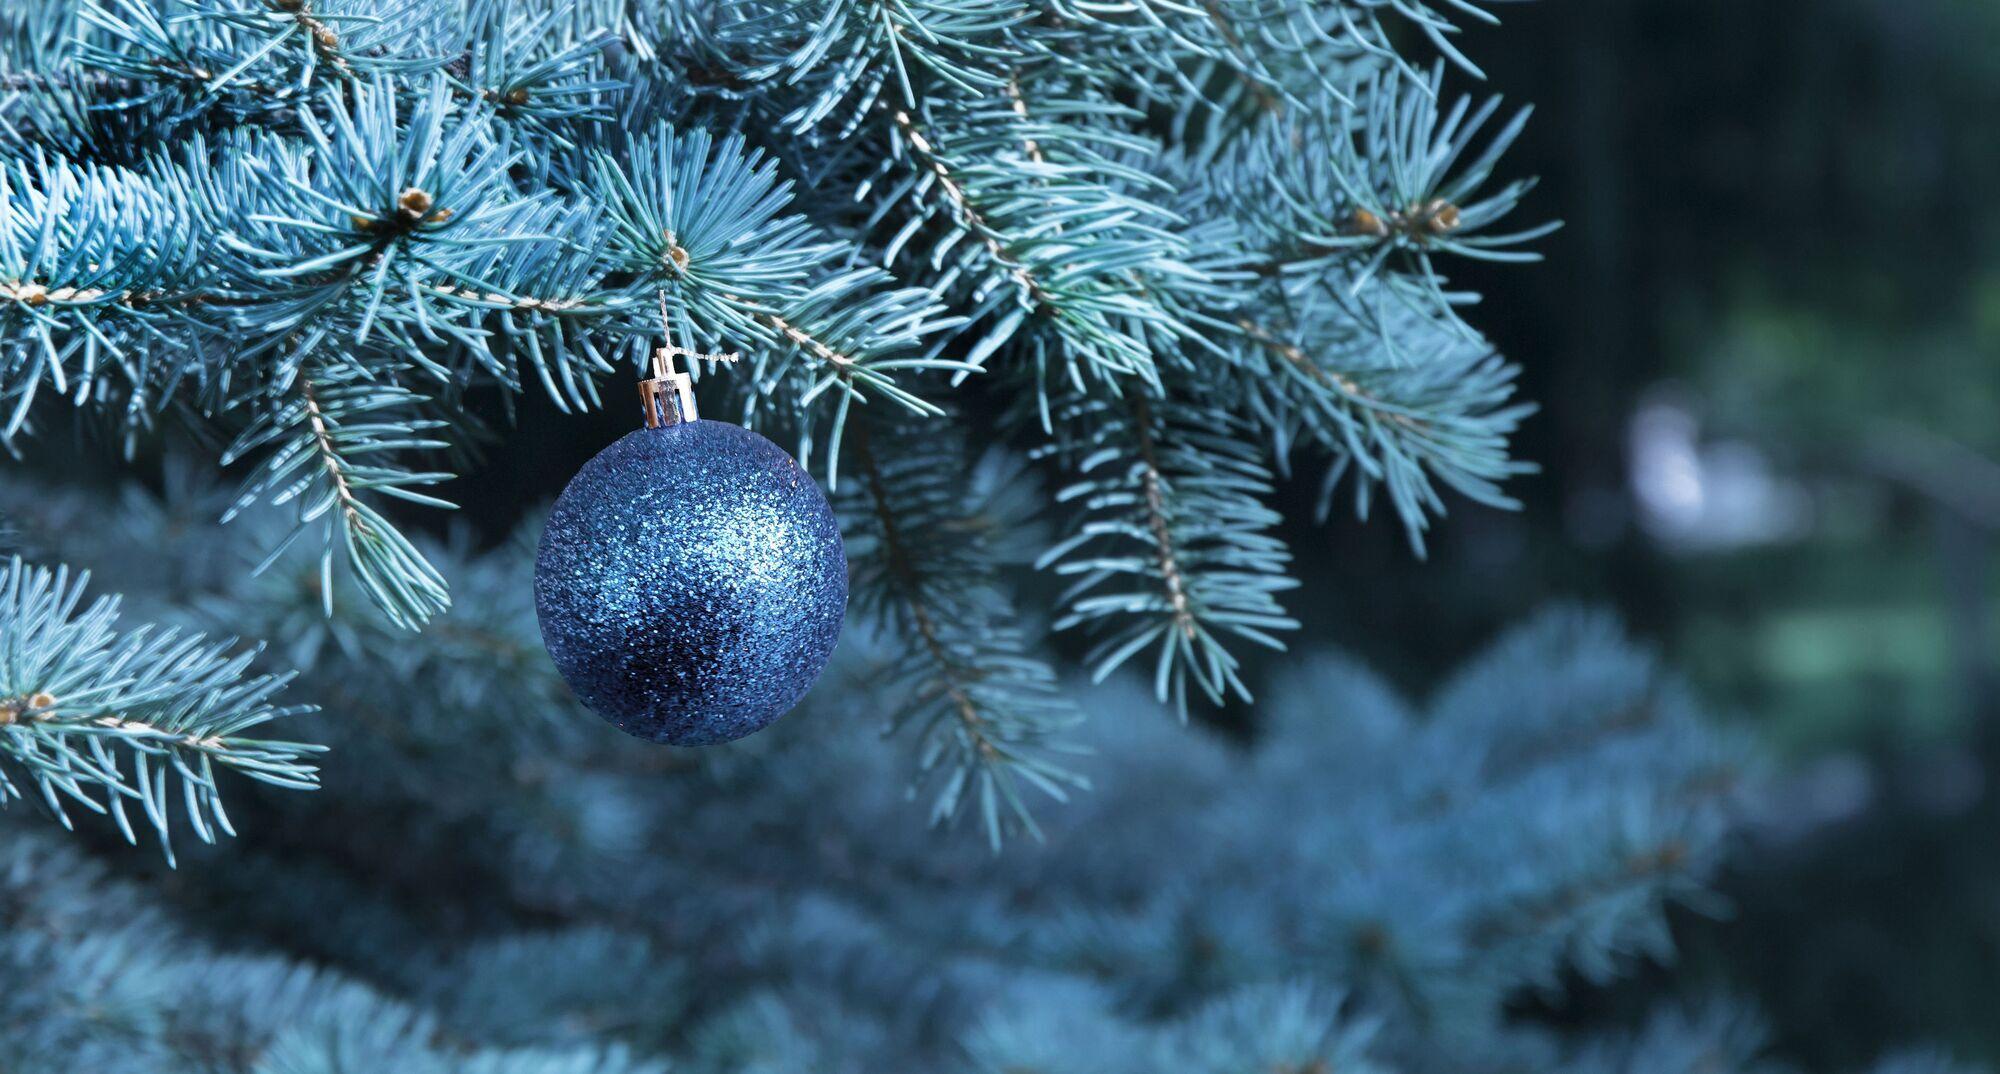 Юлий Цезарь ввел юлианский календарь, которым утвердил наступление нового года 1 января